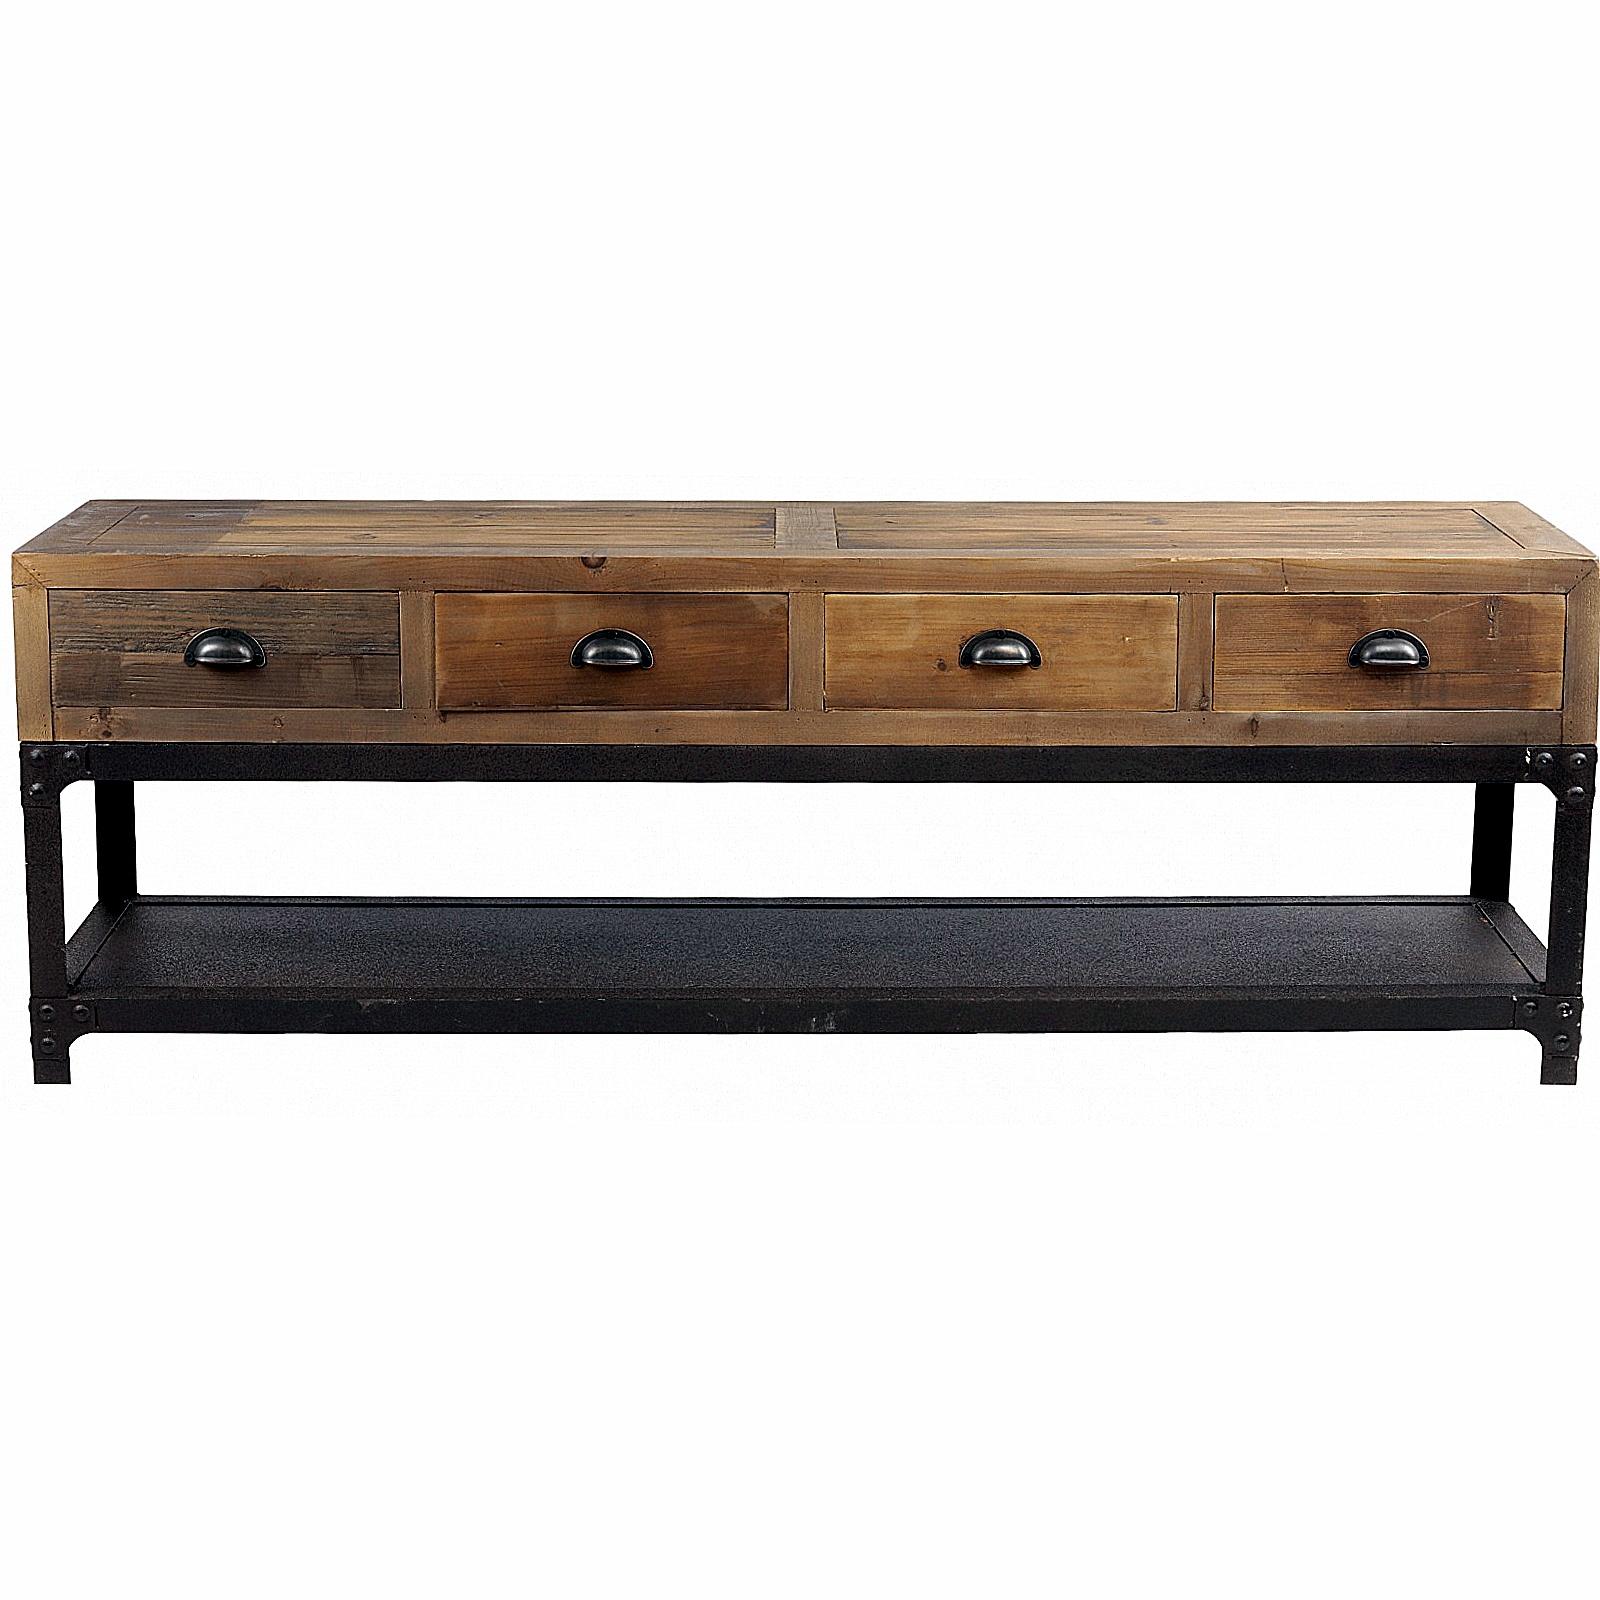 meuble tv vintage industriel metal vieux bois ouvrant a 4 tiroirs